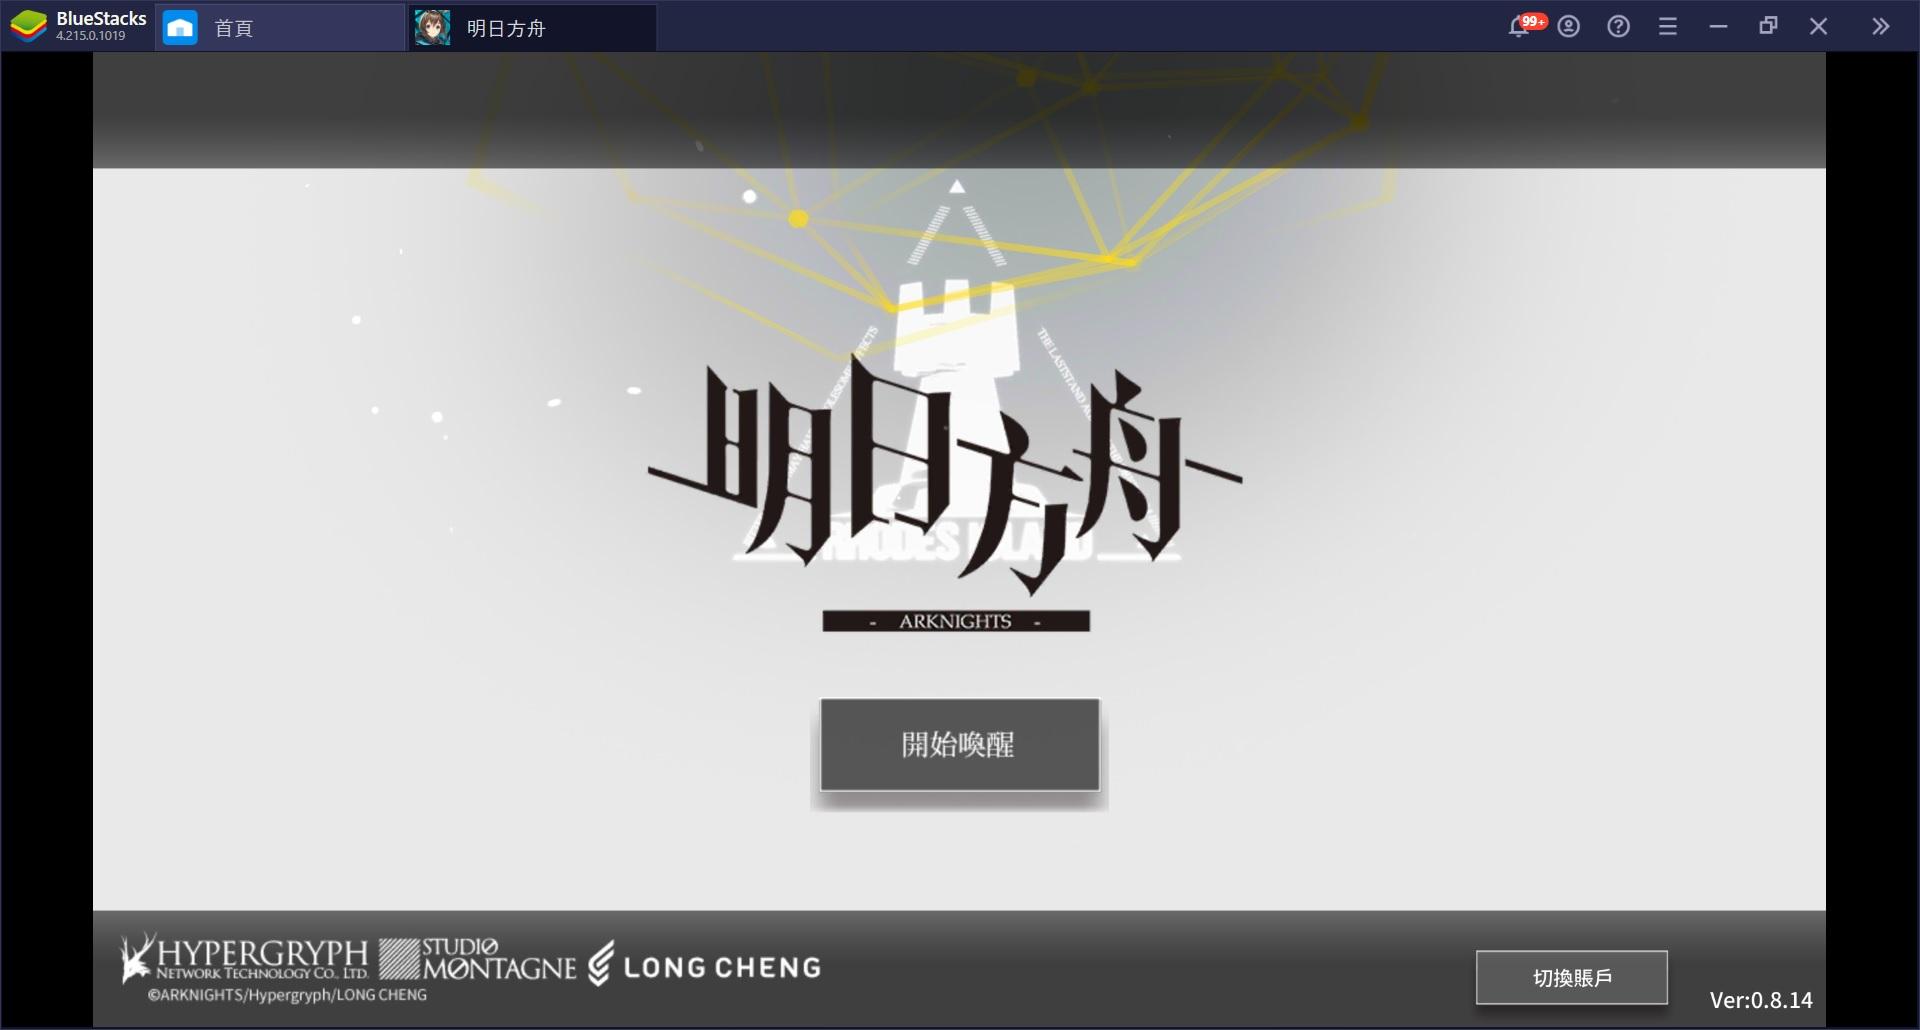 使用BlueStacks在PC上遊玩新型態戰術攻防 RPG《明日方舟》